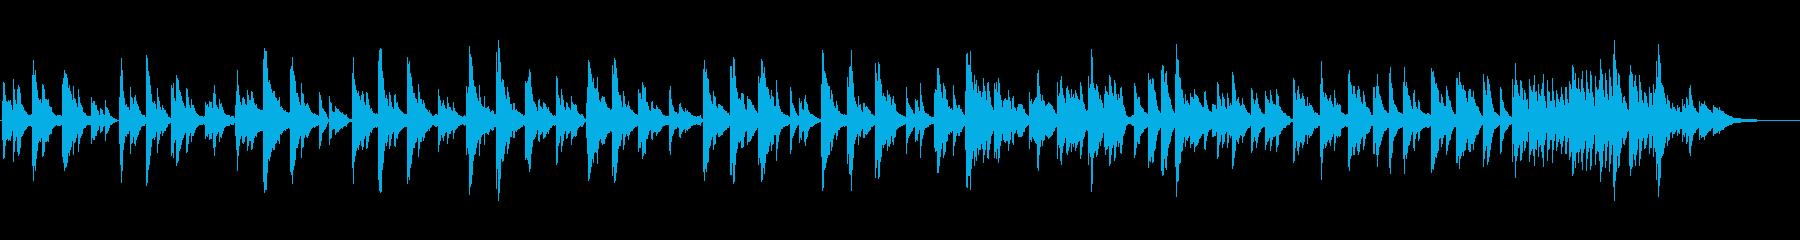 生ピアノソロ・金木犀香る夜の再生済みの波形